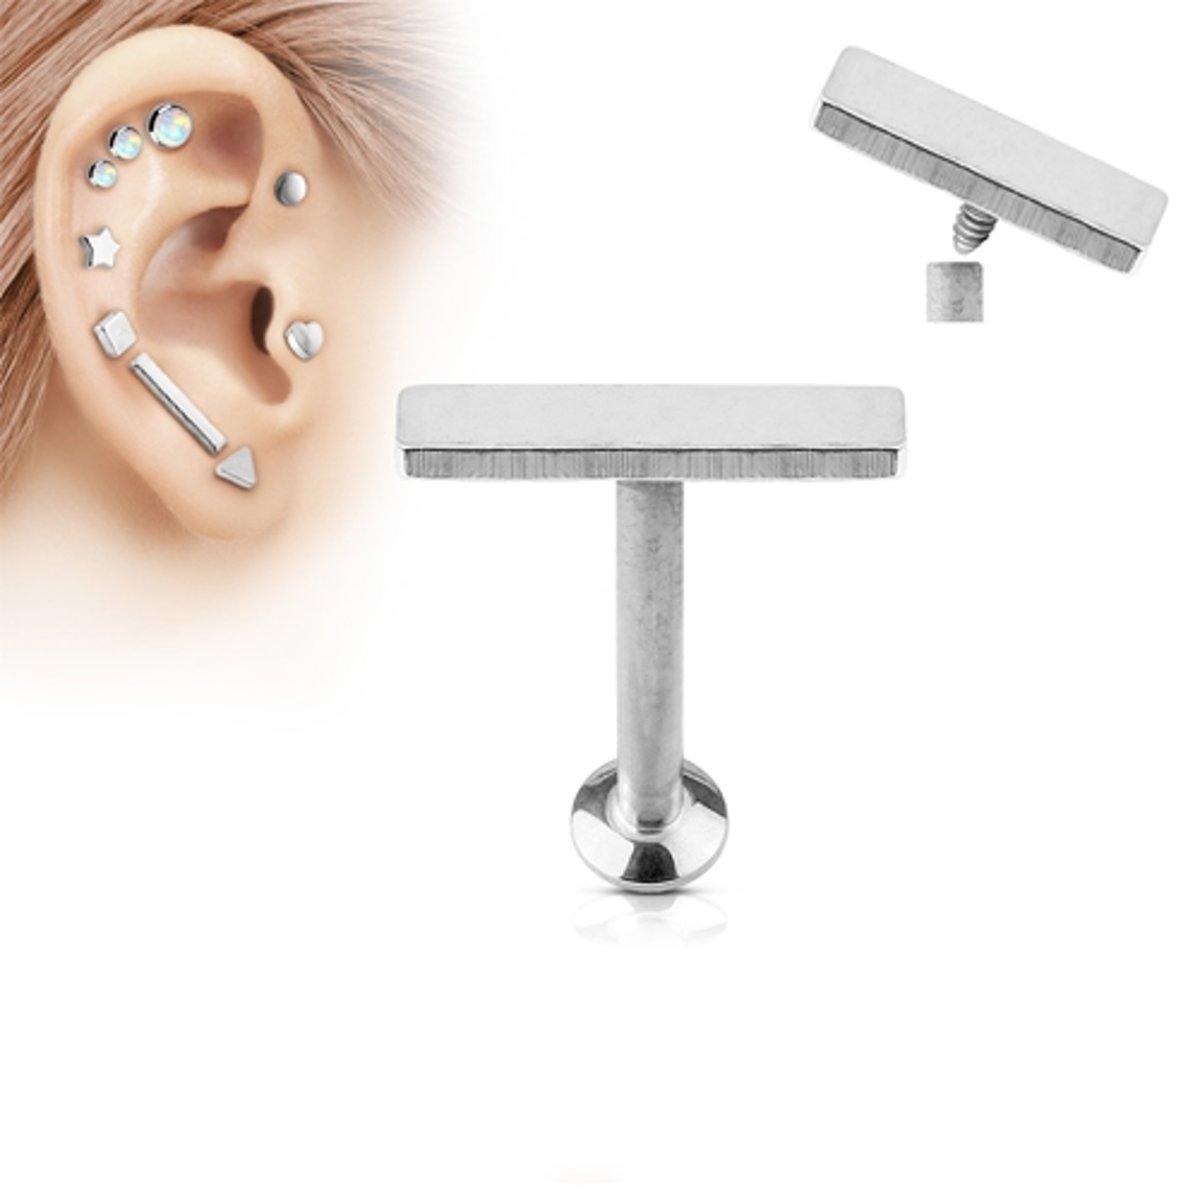 Helix piercing balk top chirurgisch staal 4mm kopen